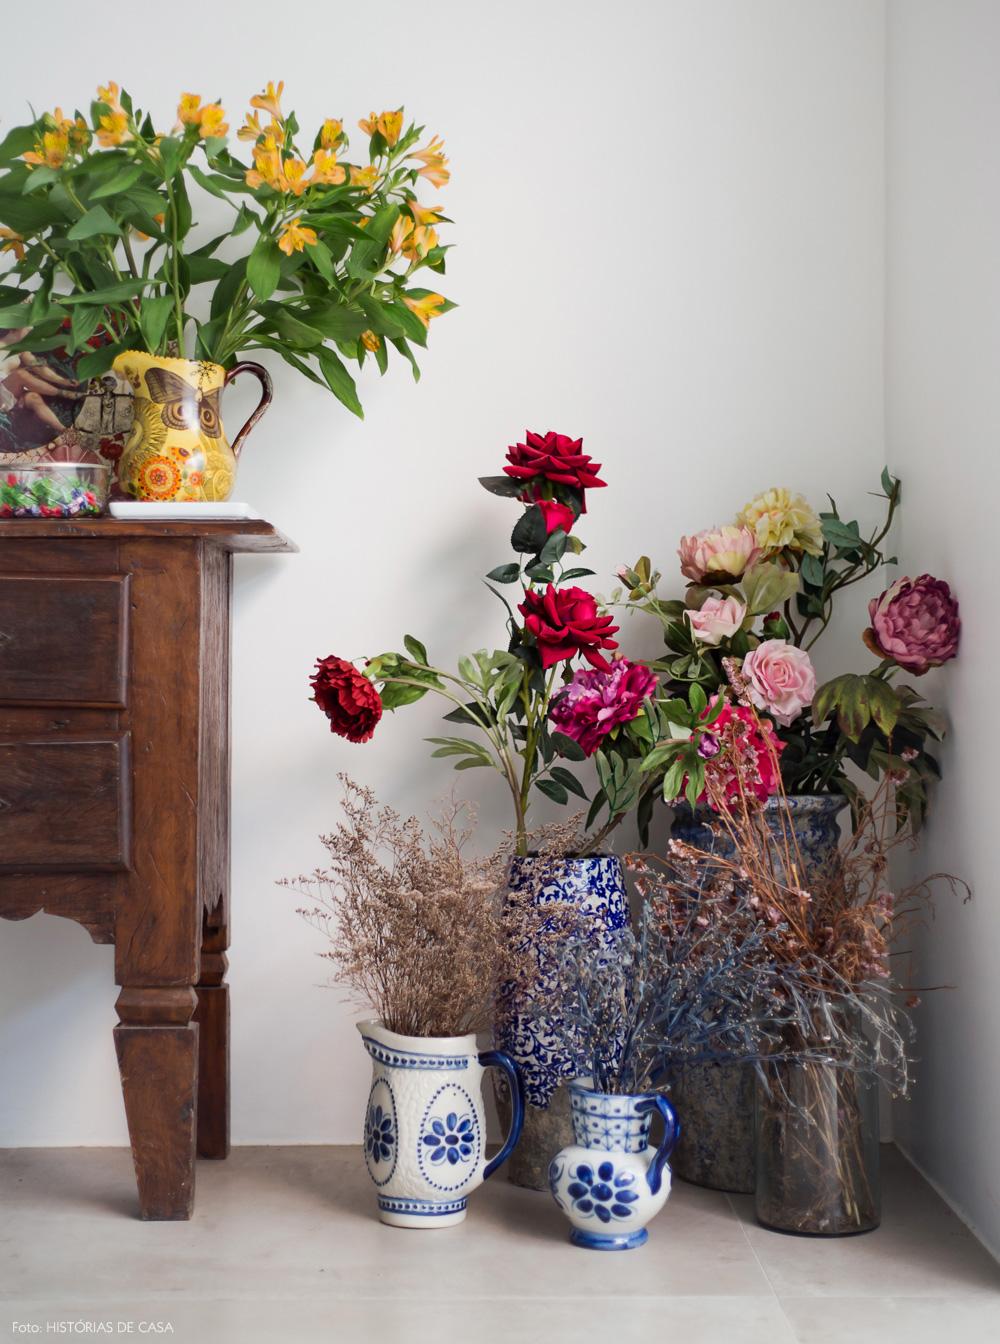 06-decoracao-arranjos-flores-tecido-secas-atelie-calu-fontes